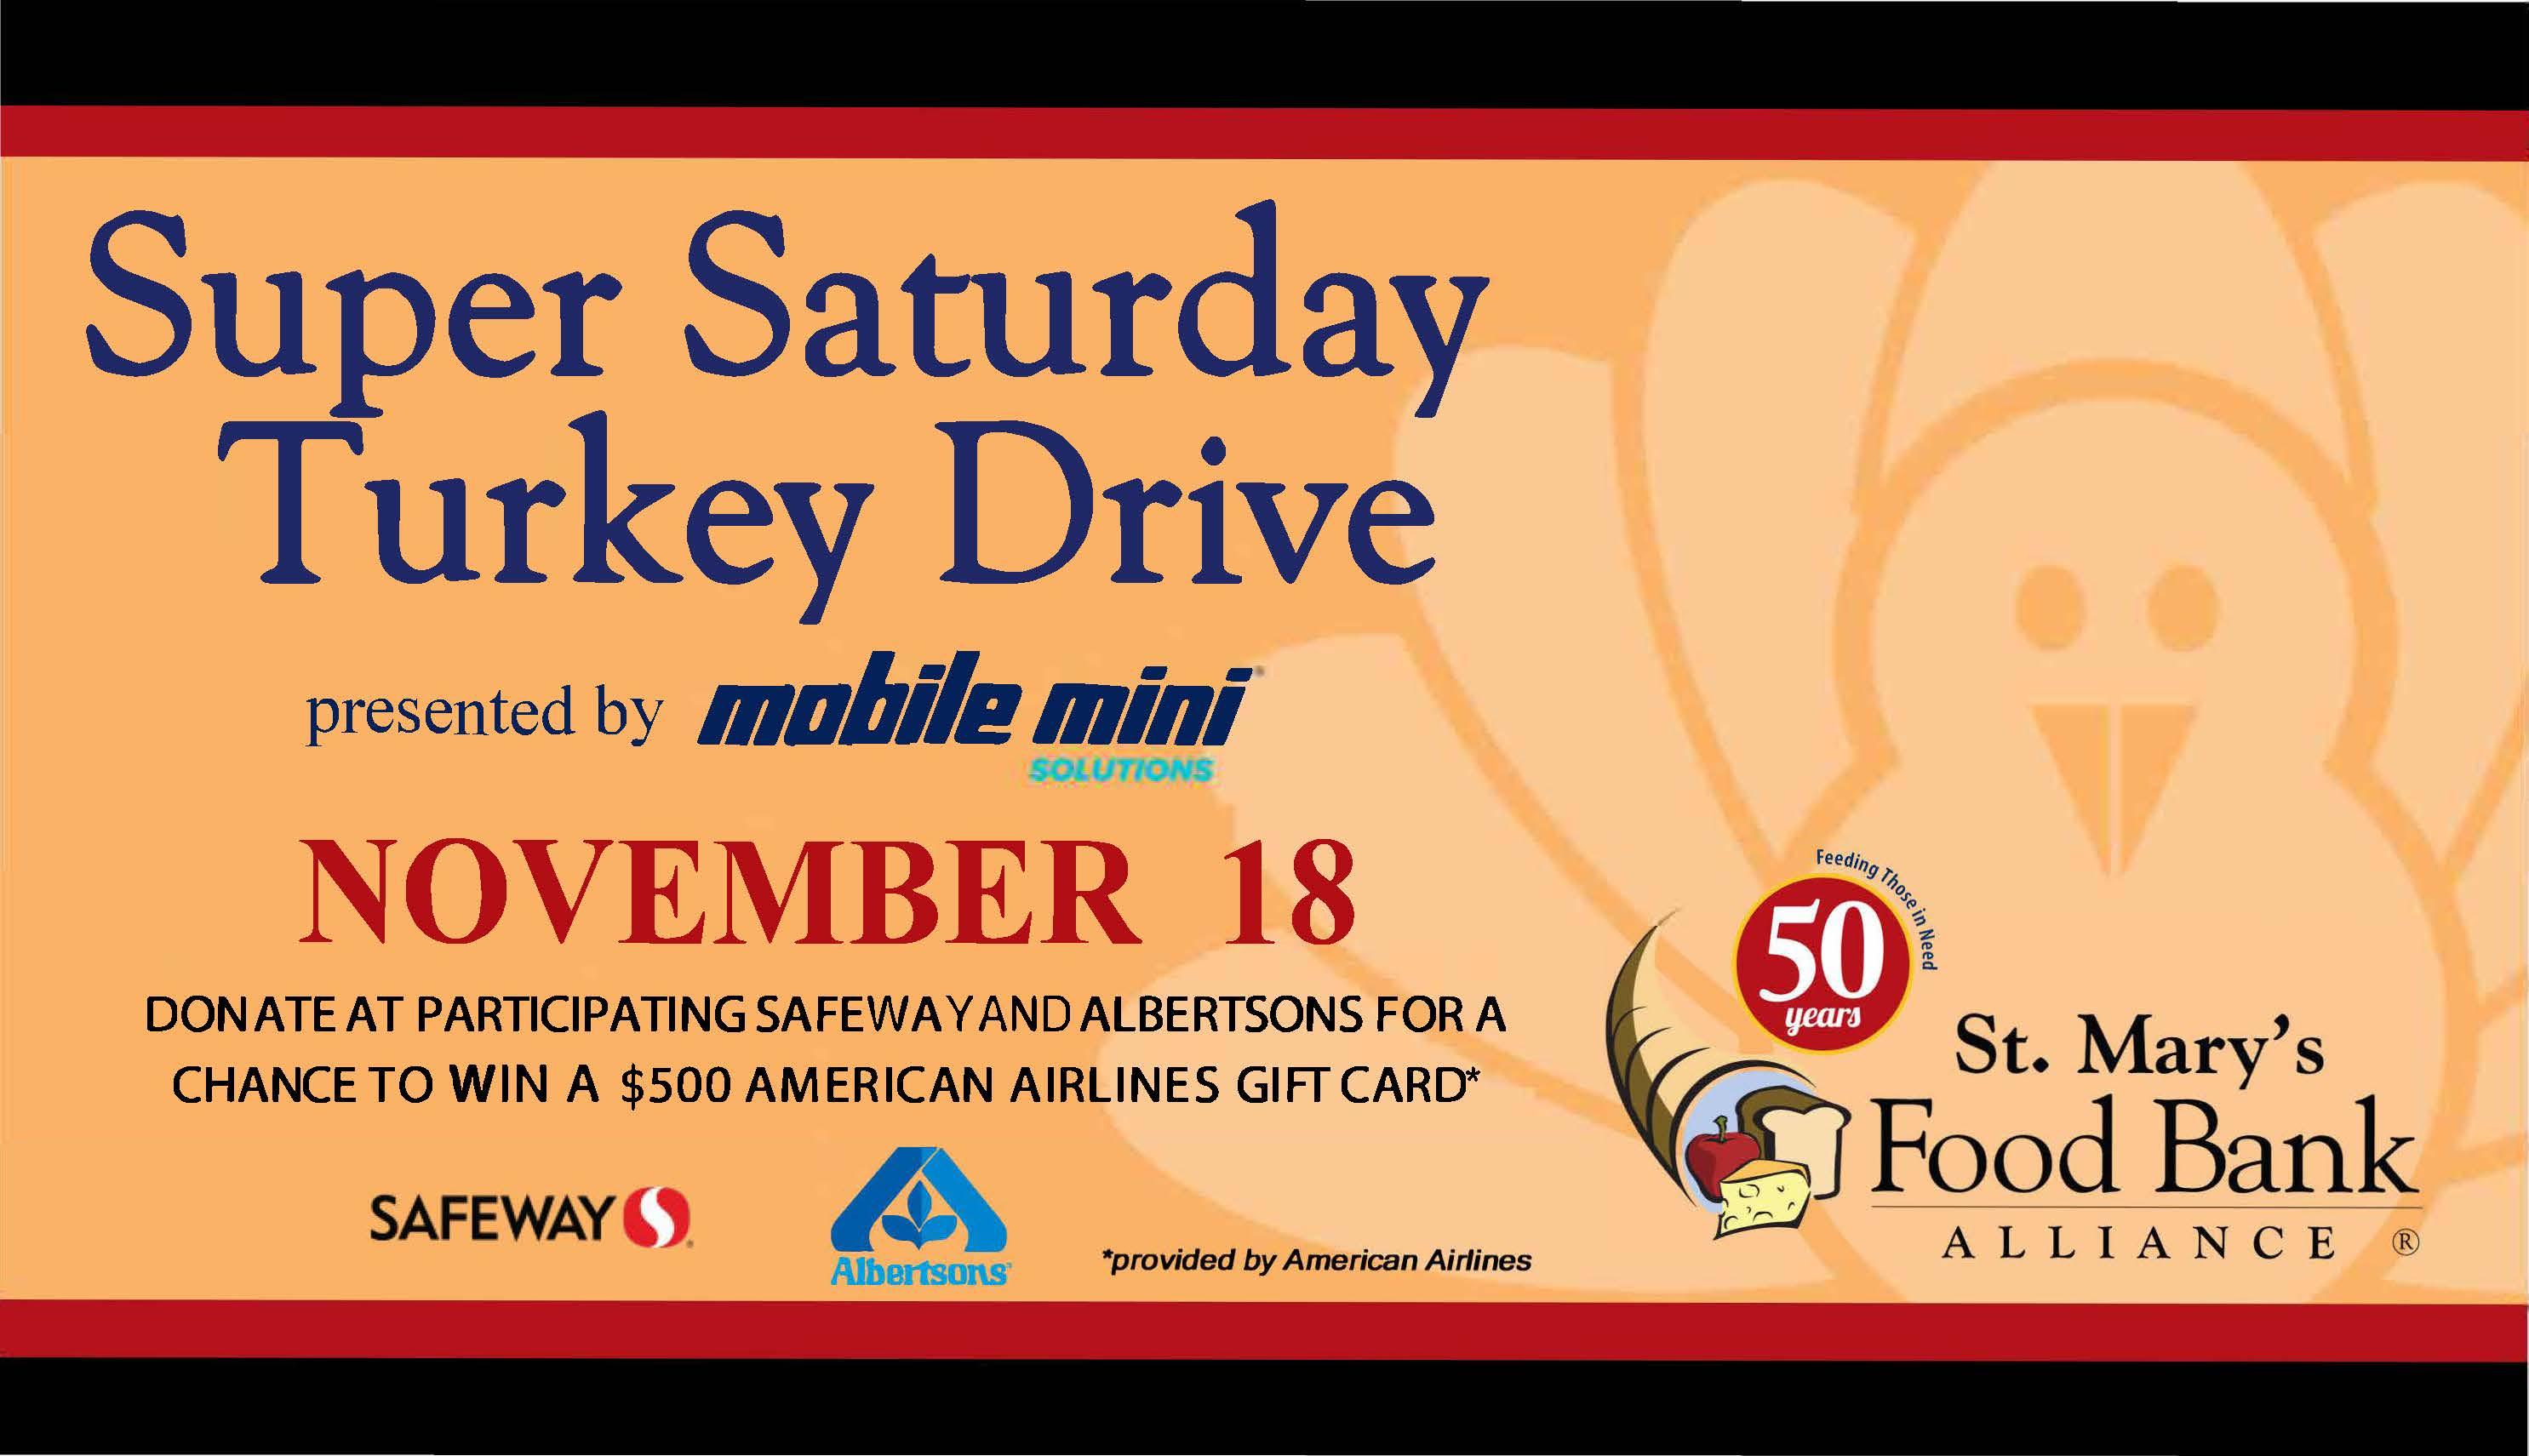 11th Annual Super Saturday Turkey Drive 4